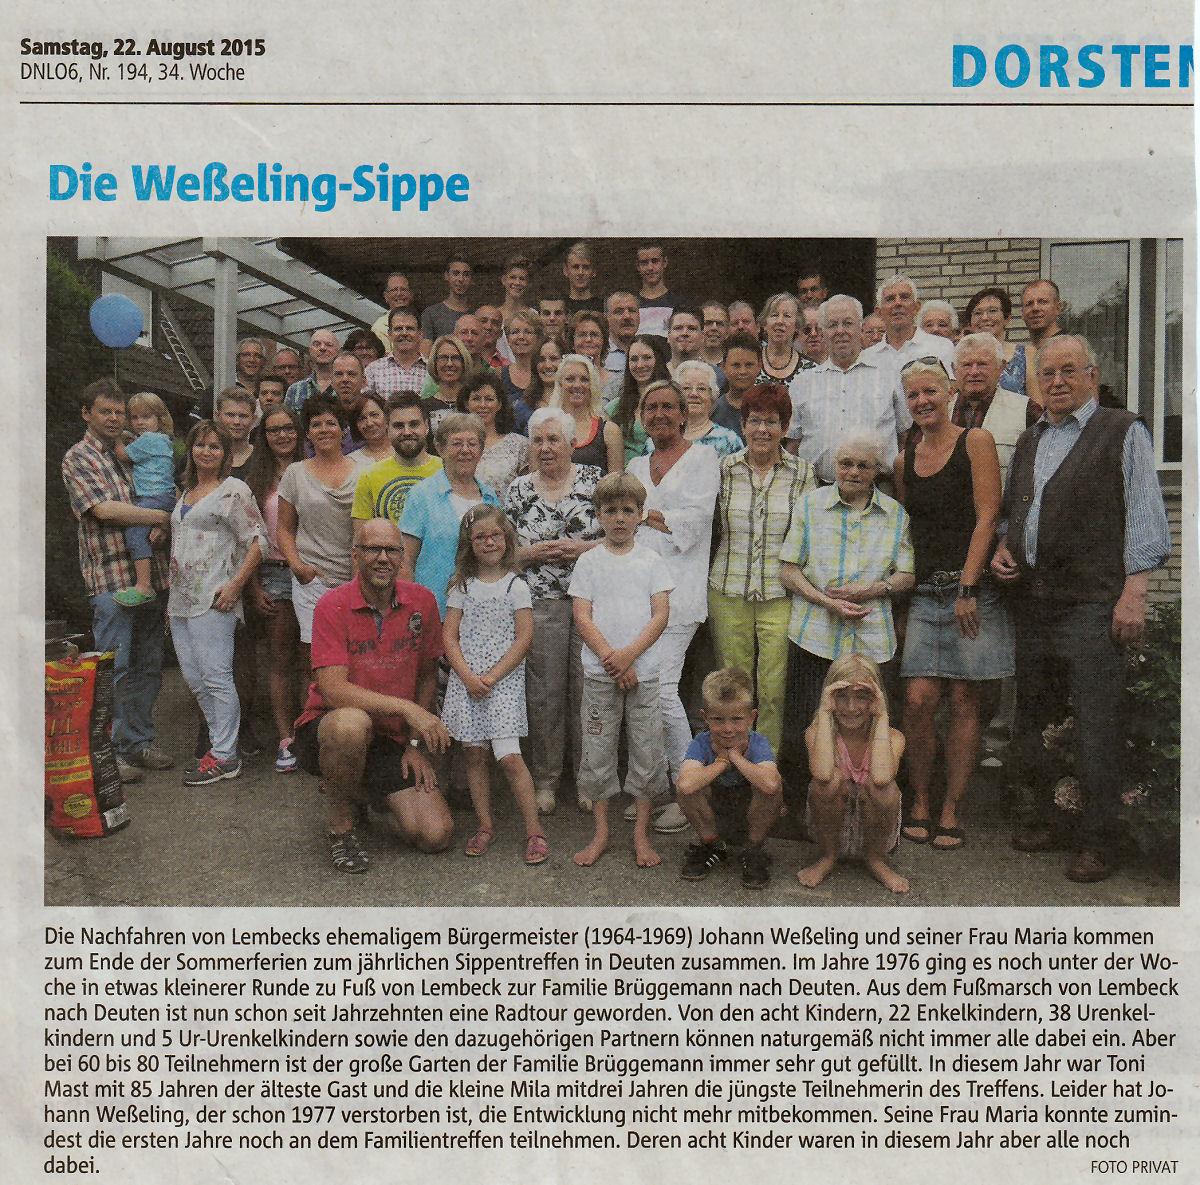 Die_Wesseling-Sippe_DZ_20150822